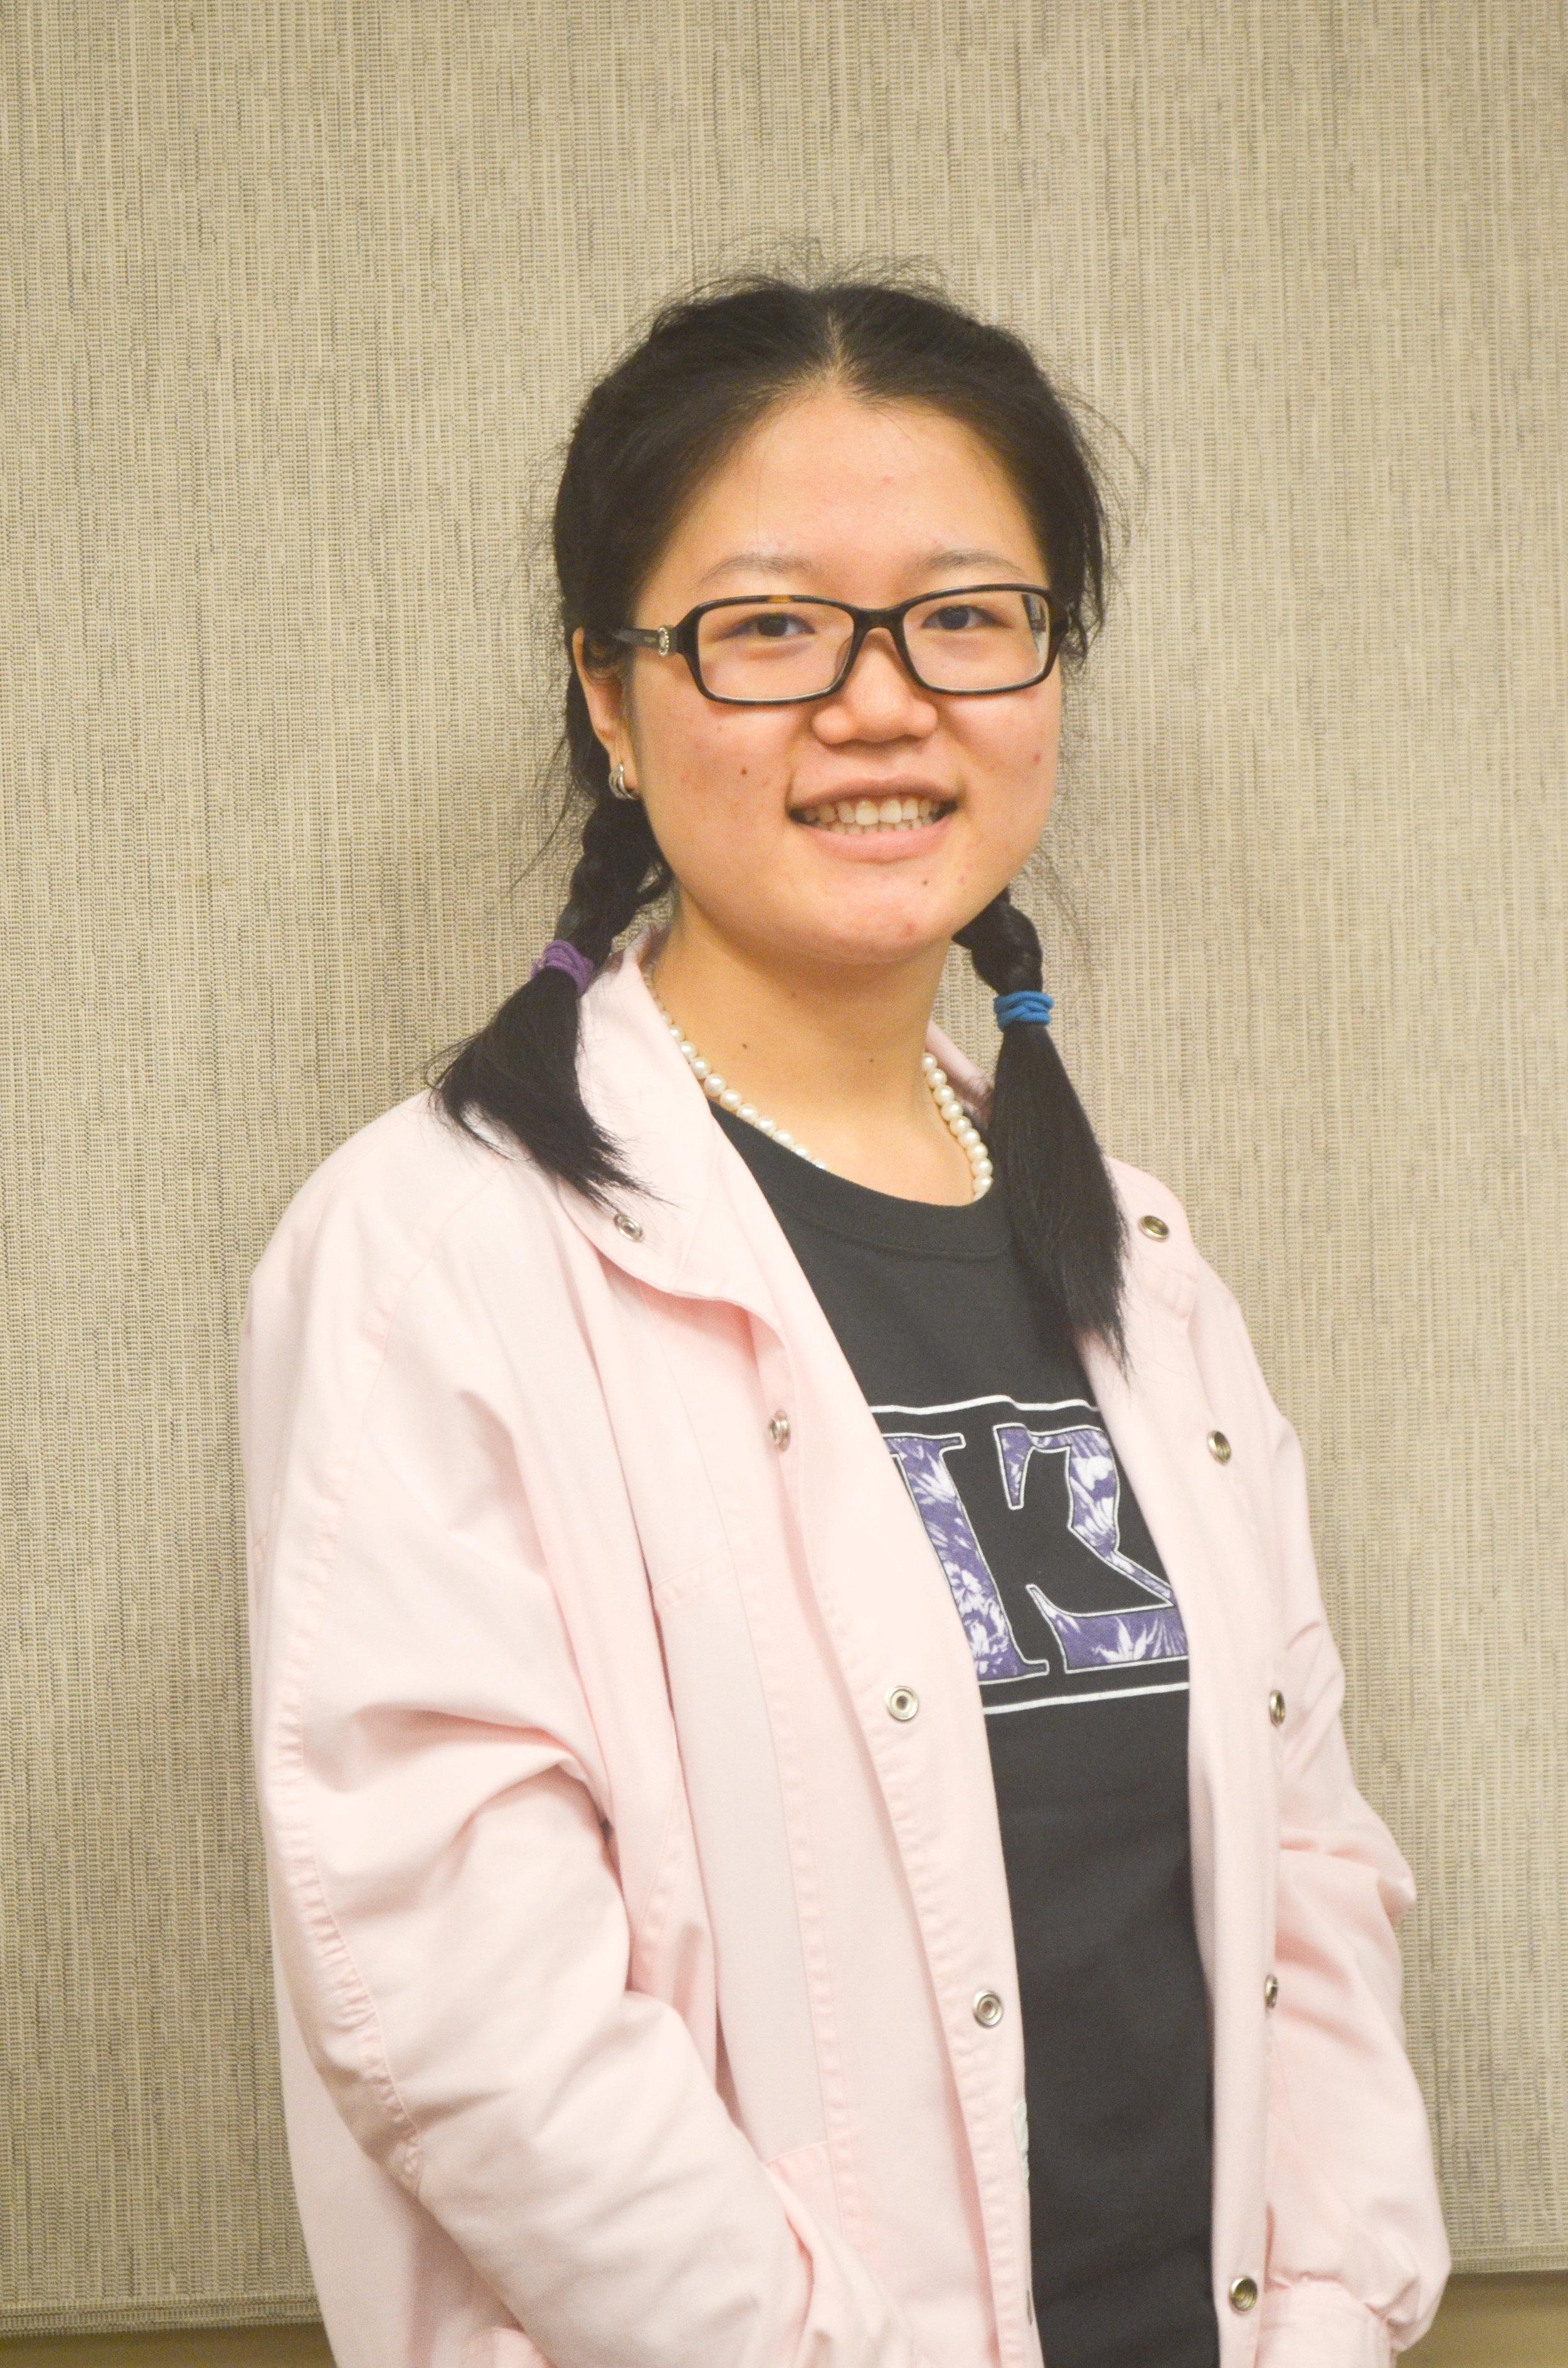 Yuye Zhao